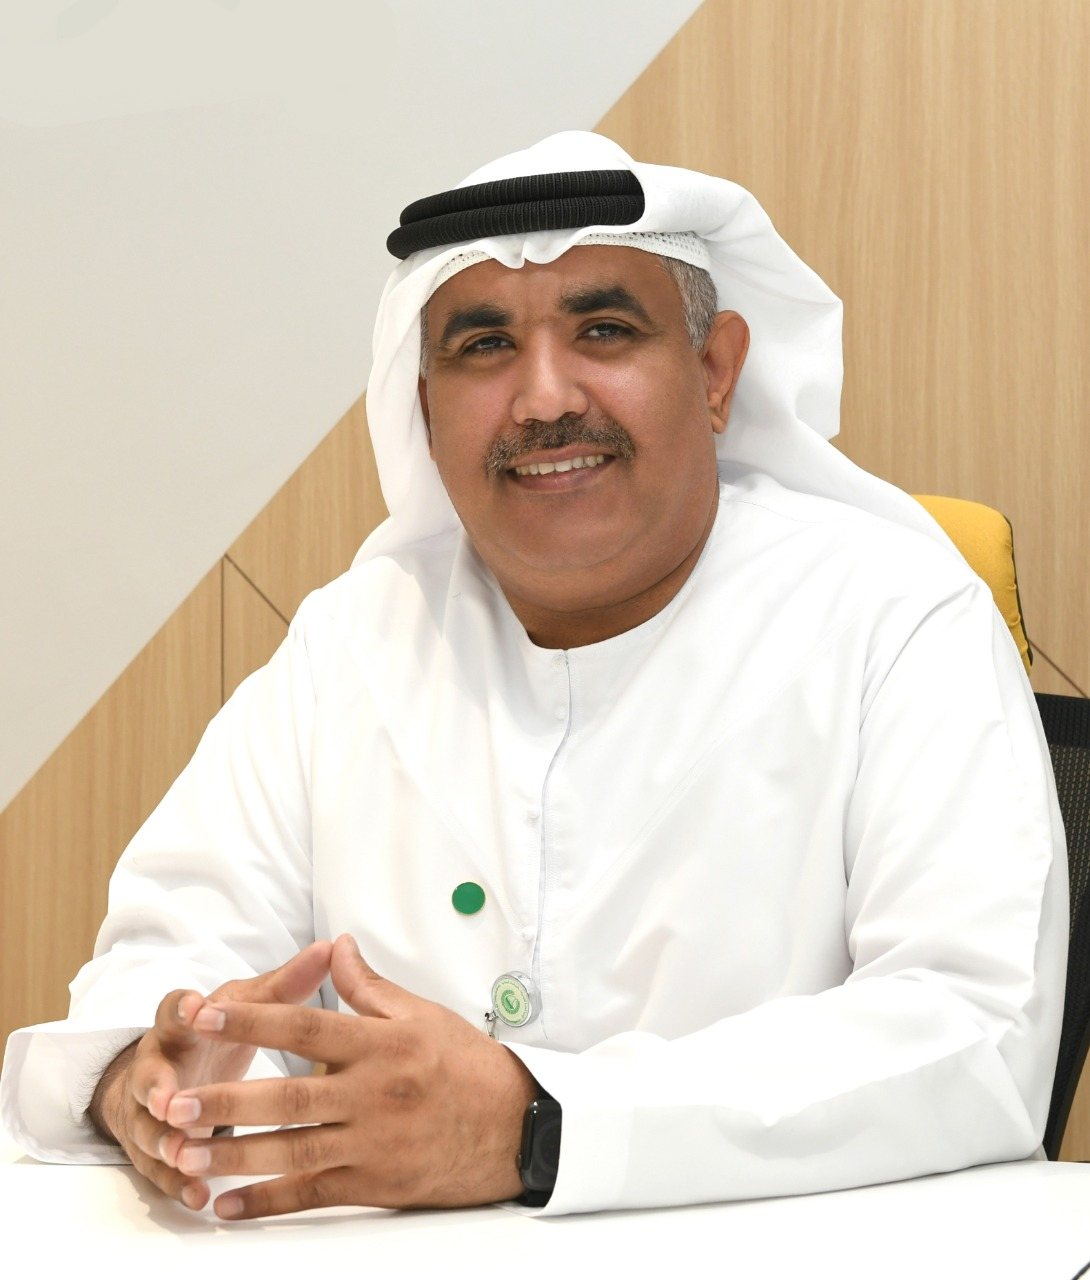 الصورة : العقيد جمعة الرّحومي، مدير إدارة مكافحة الجريمة المنظمة